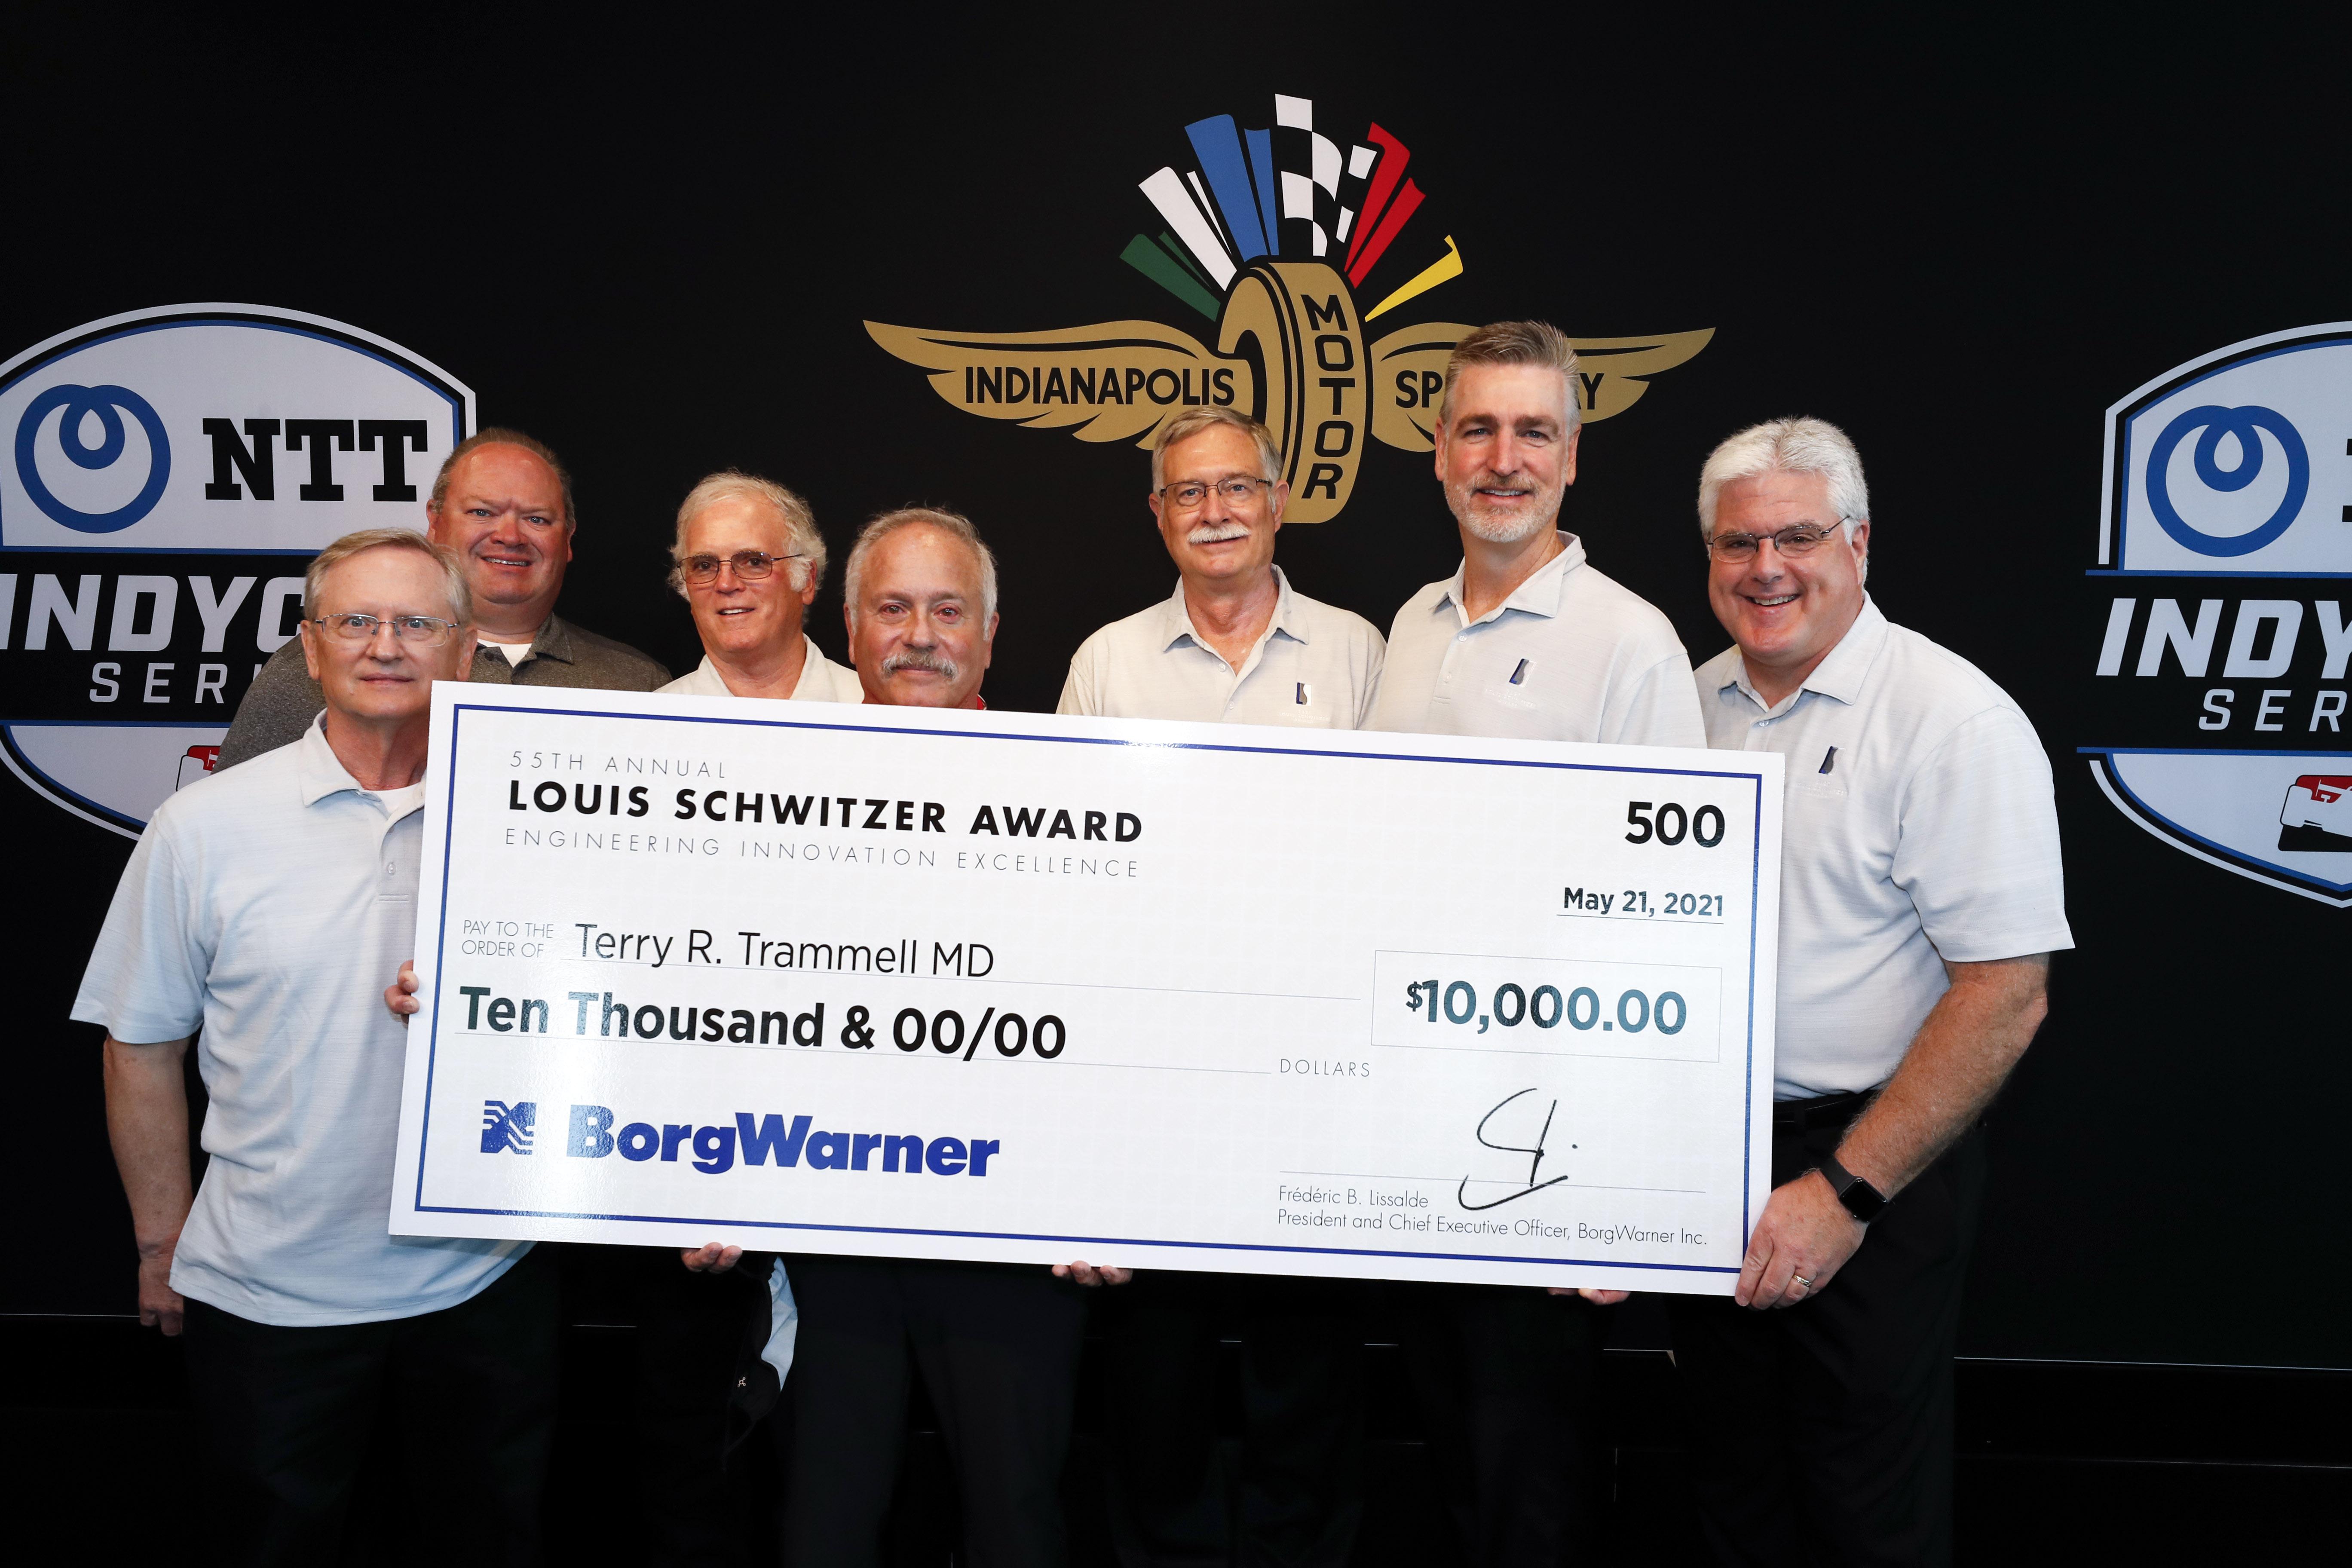 Seven men hold large check against black logo backdrop